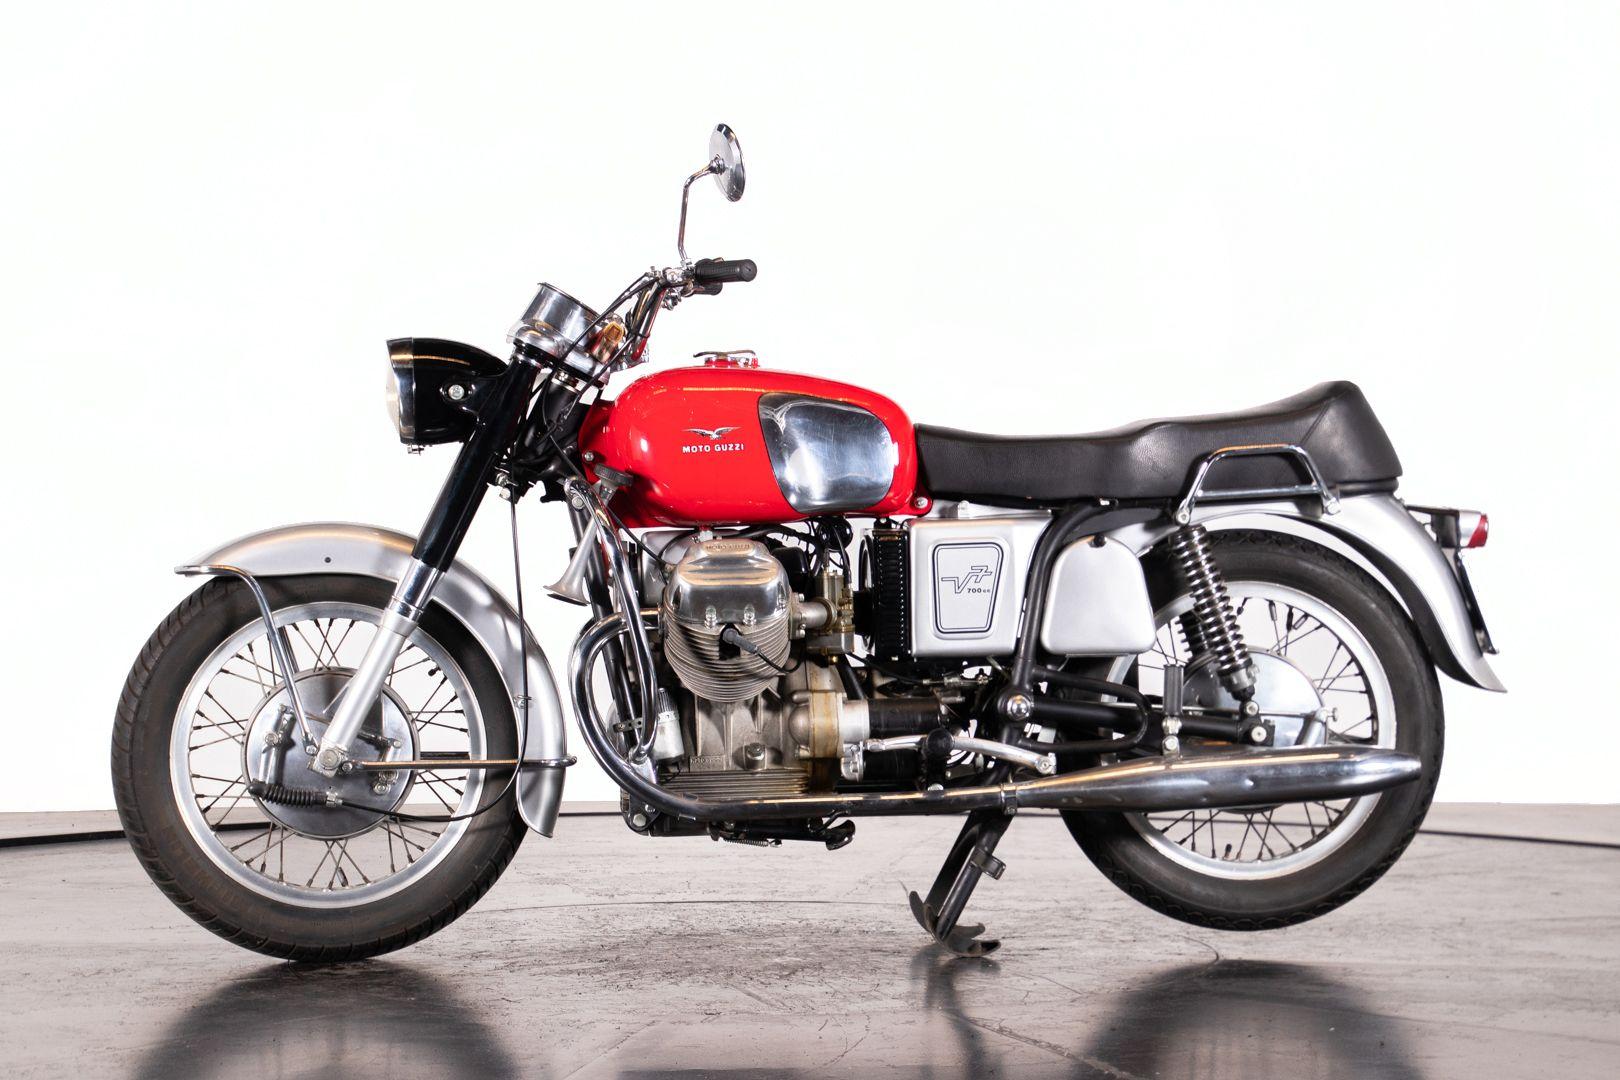 1969 MOTO GUZZI V7 VS 48633